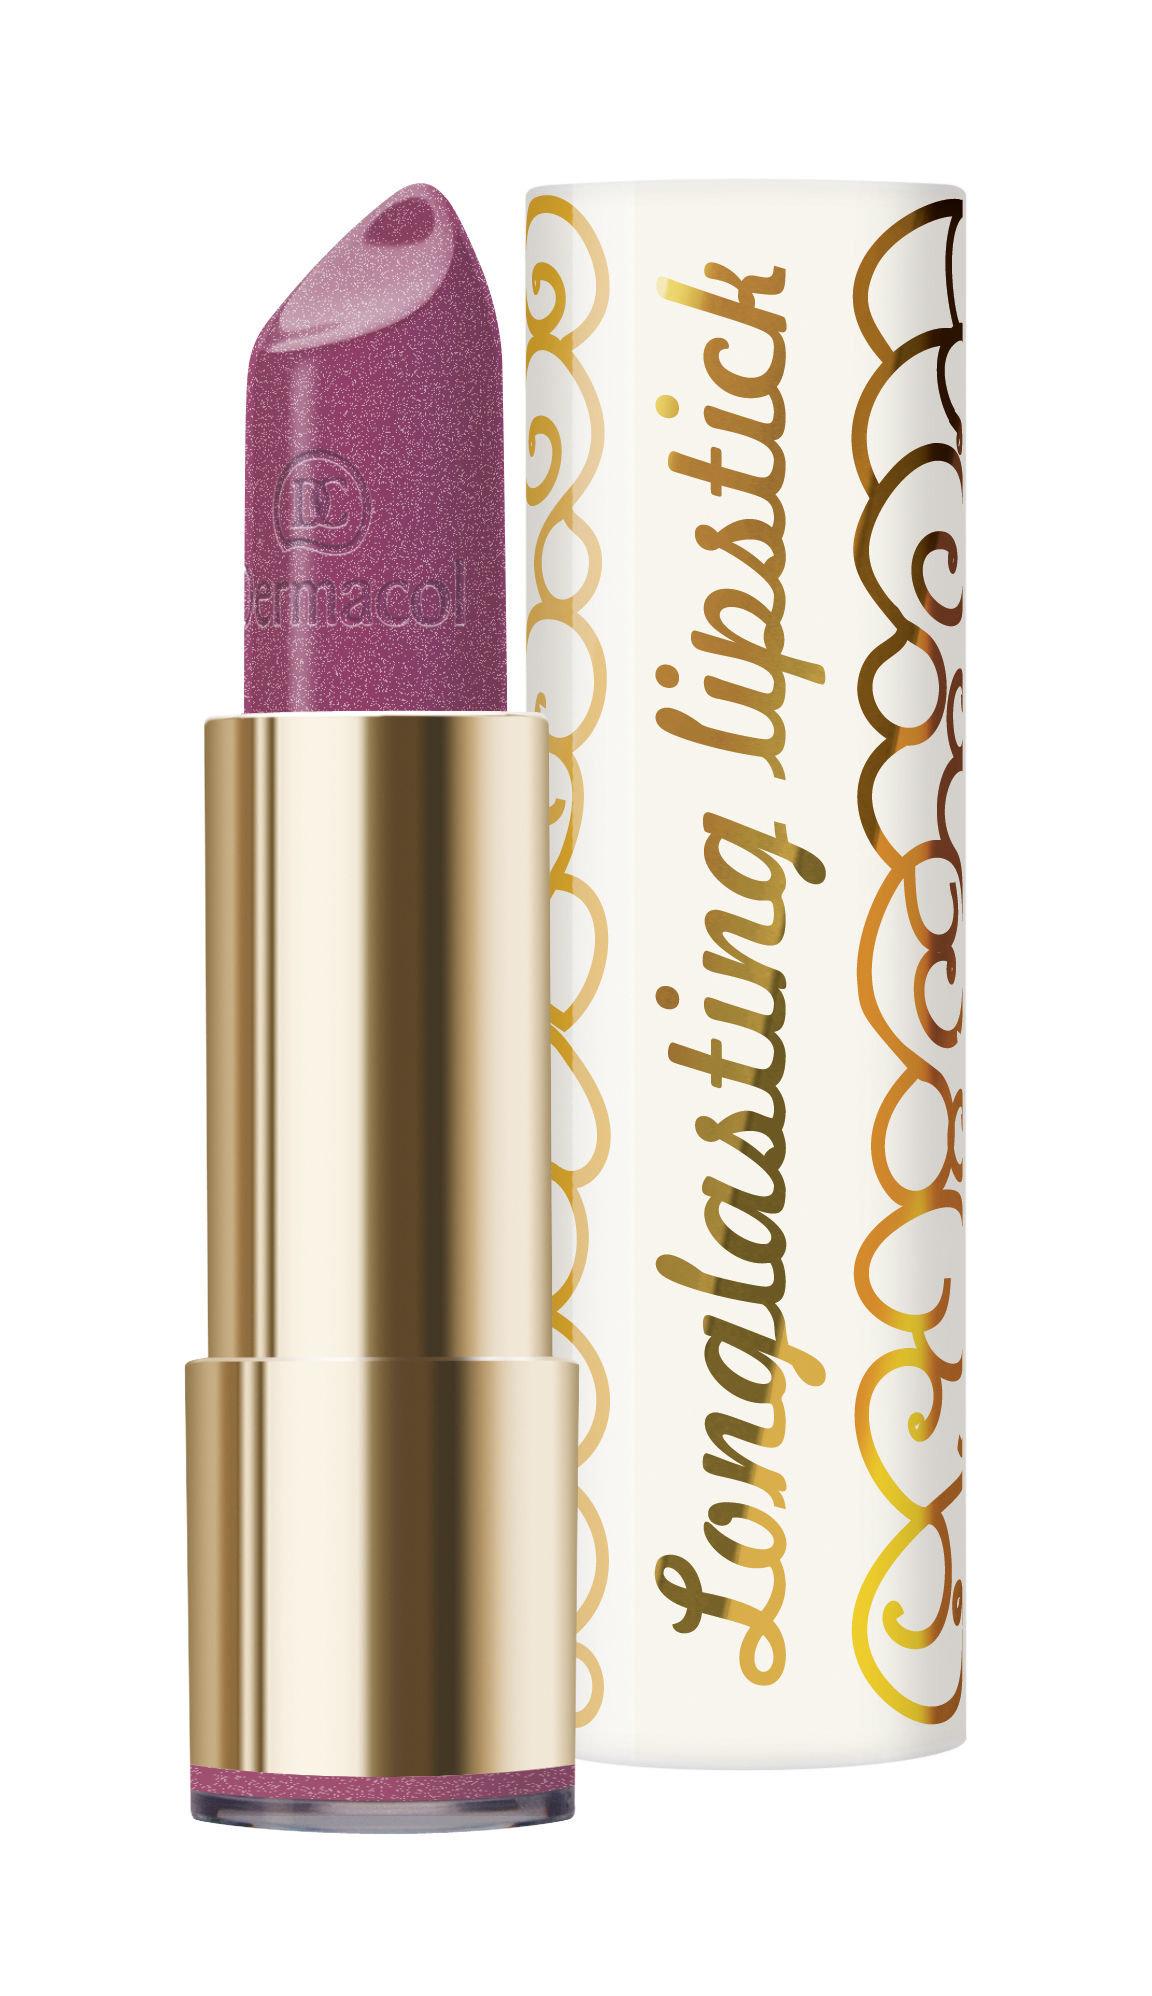 Dermacol Longlasting Cosmetic 4,8ml 12